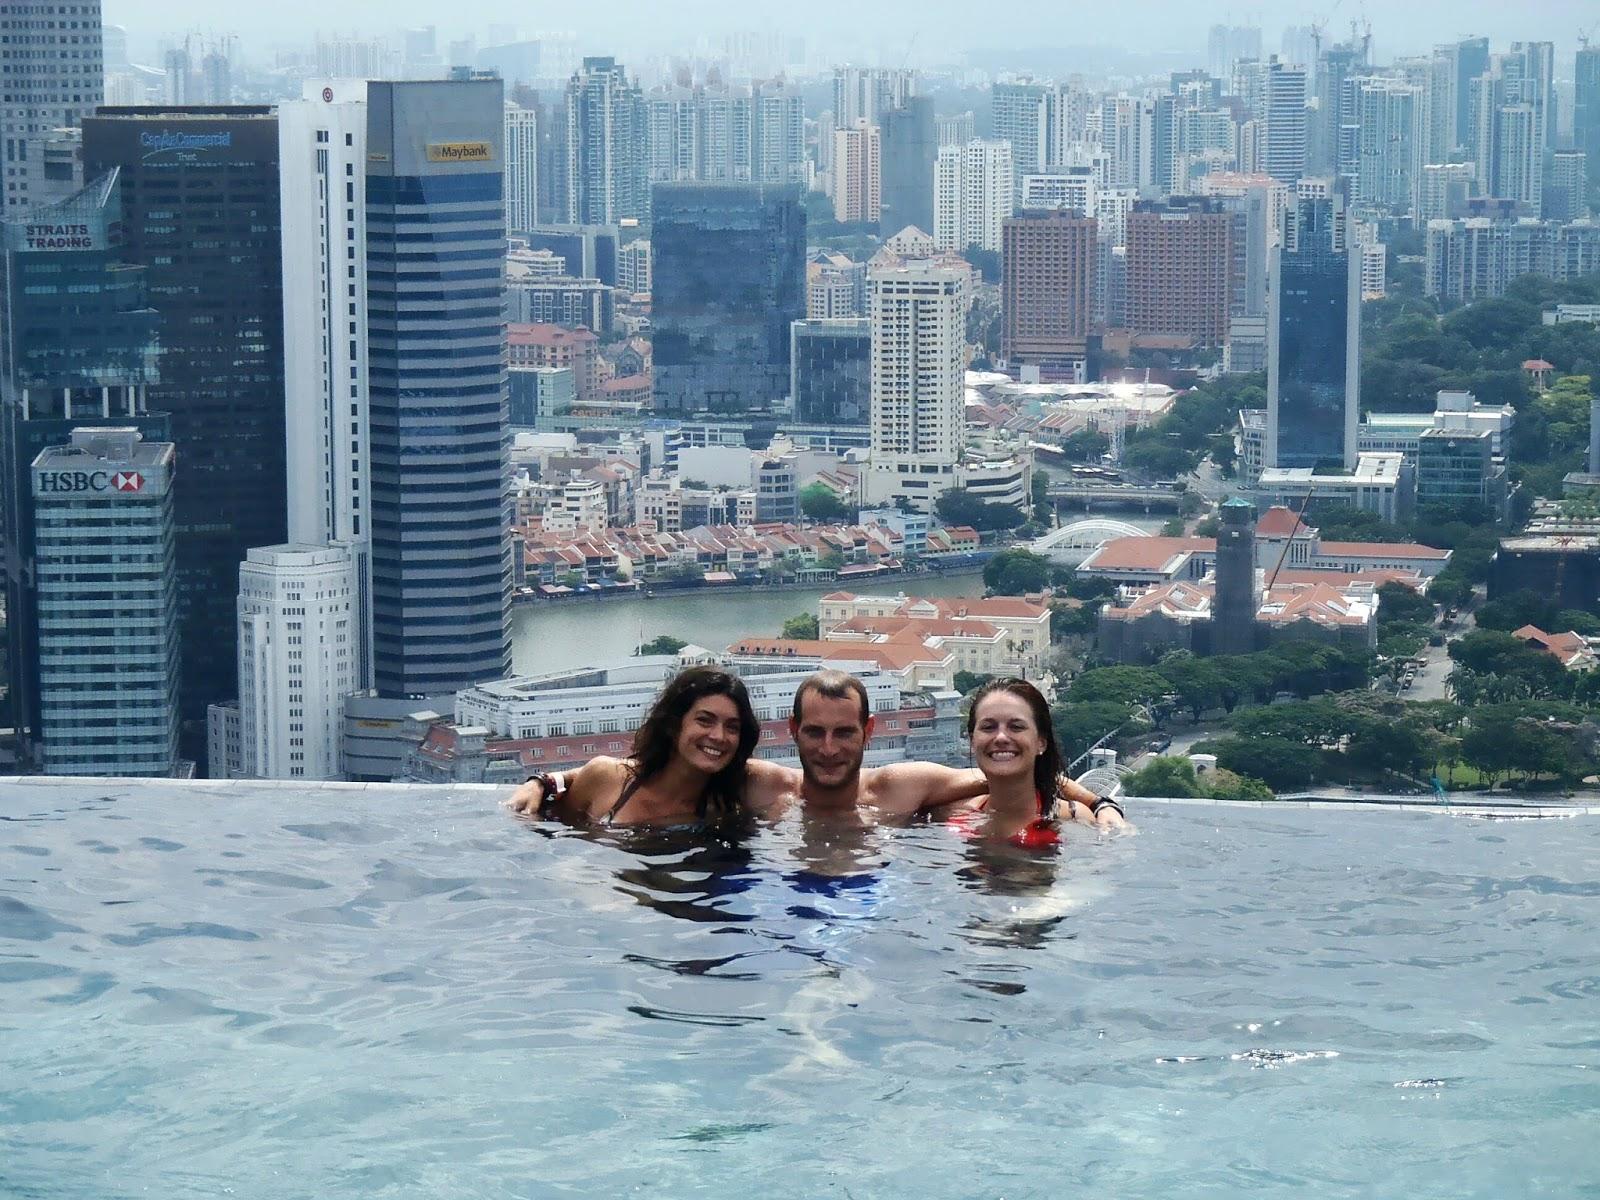 Hotel Kuala Lumpur Avec Piscine Sur Le Toit